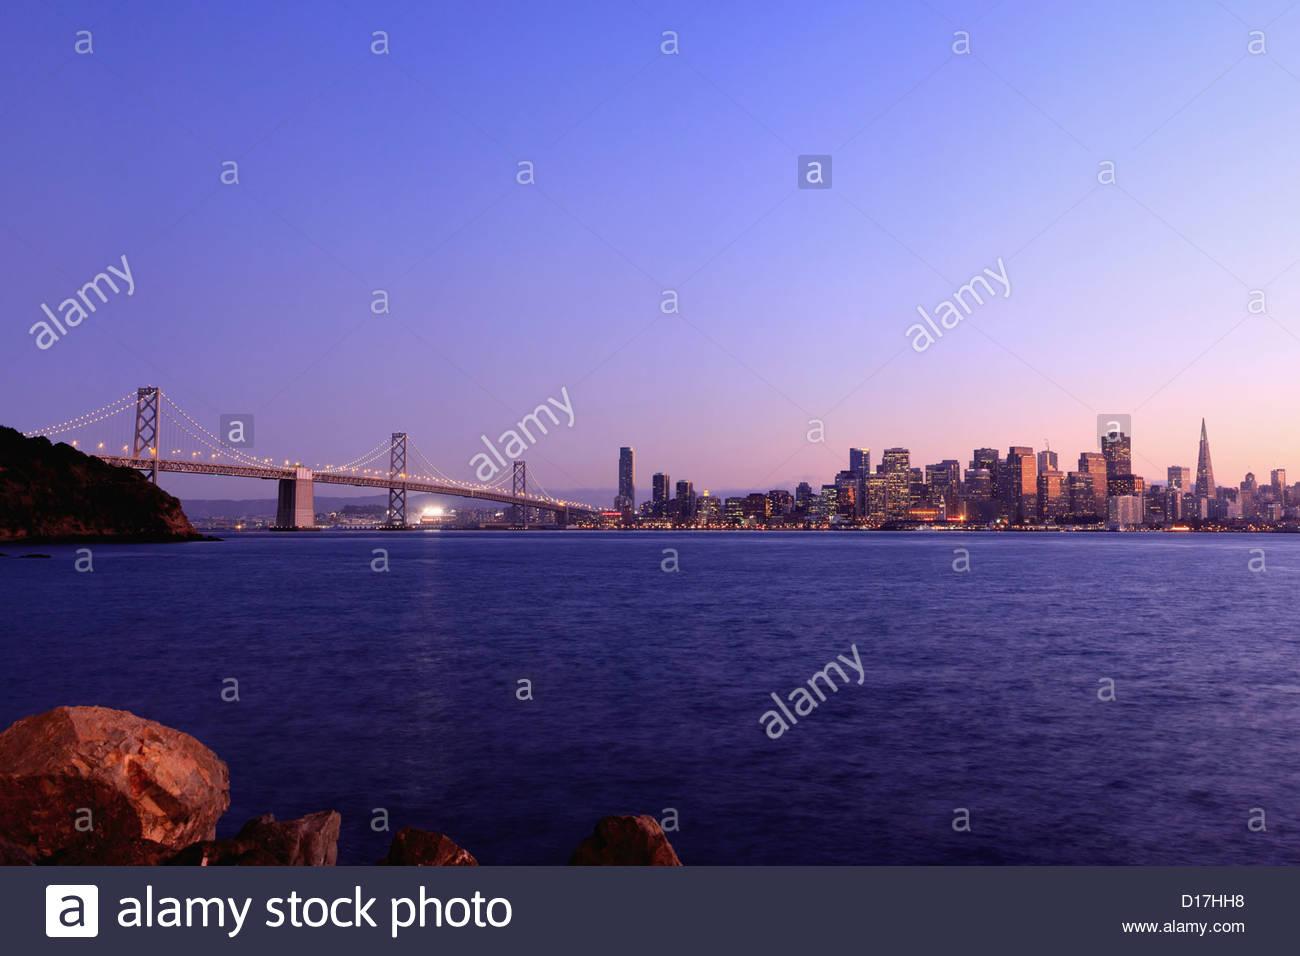 Paysage urbain et le pont sur la rivière Photo Stock